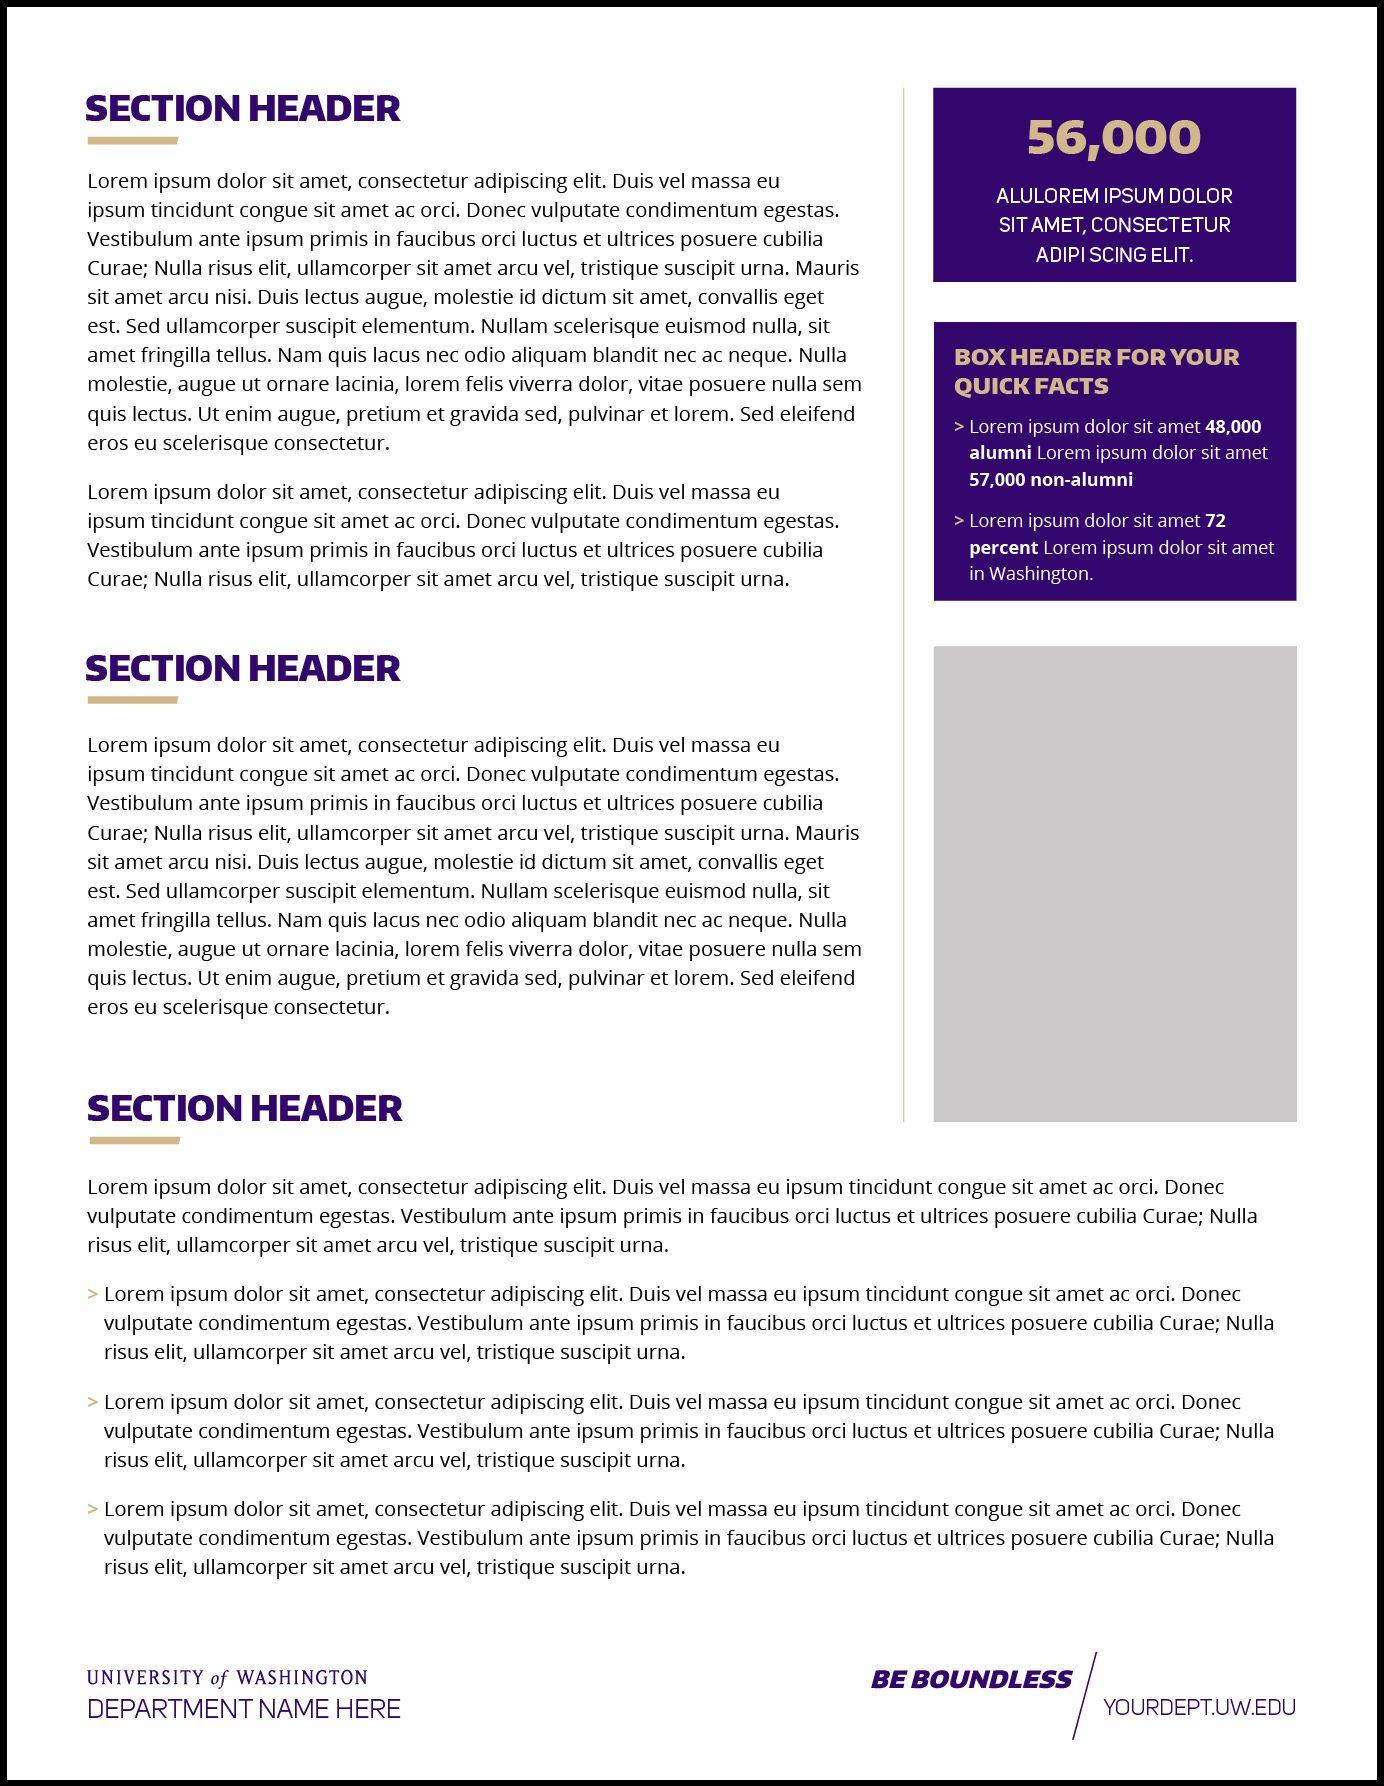 Fact Sheet Uw Brand Regarding Fact Sheet Template Microsoft Word Best Professional Template Word Template Card Template Fact Sheet Fact sheet templates microsoft word